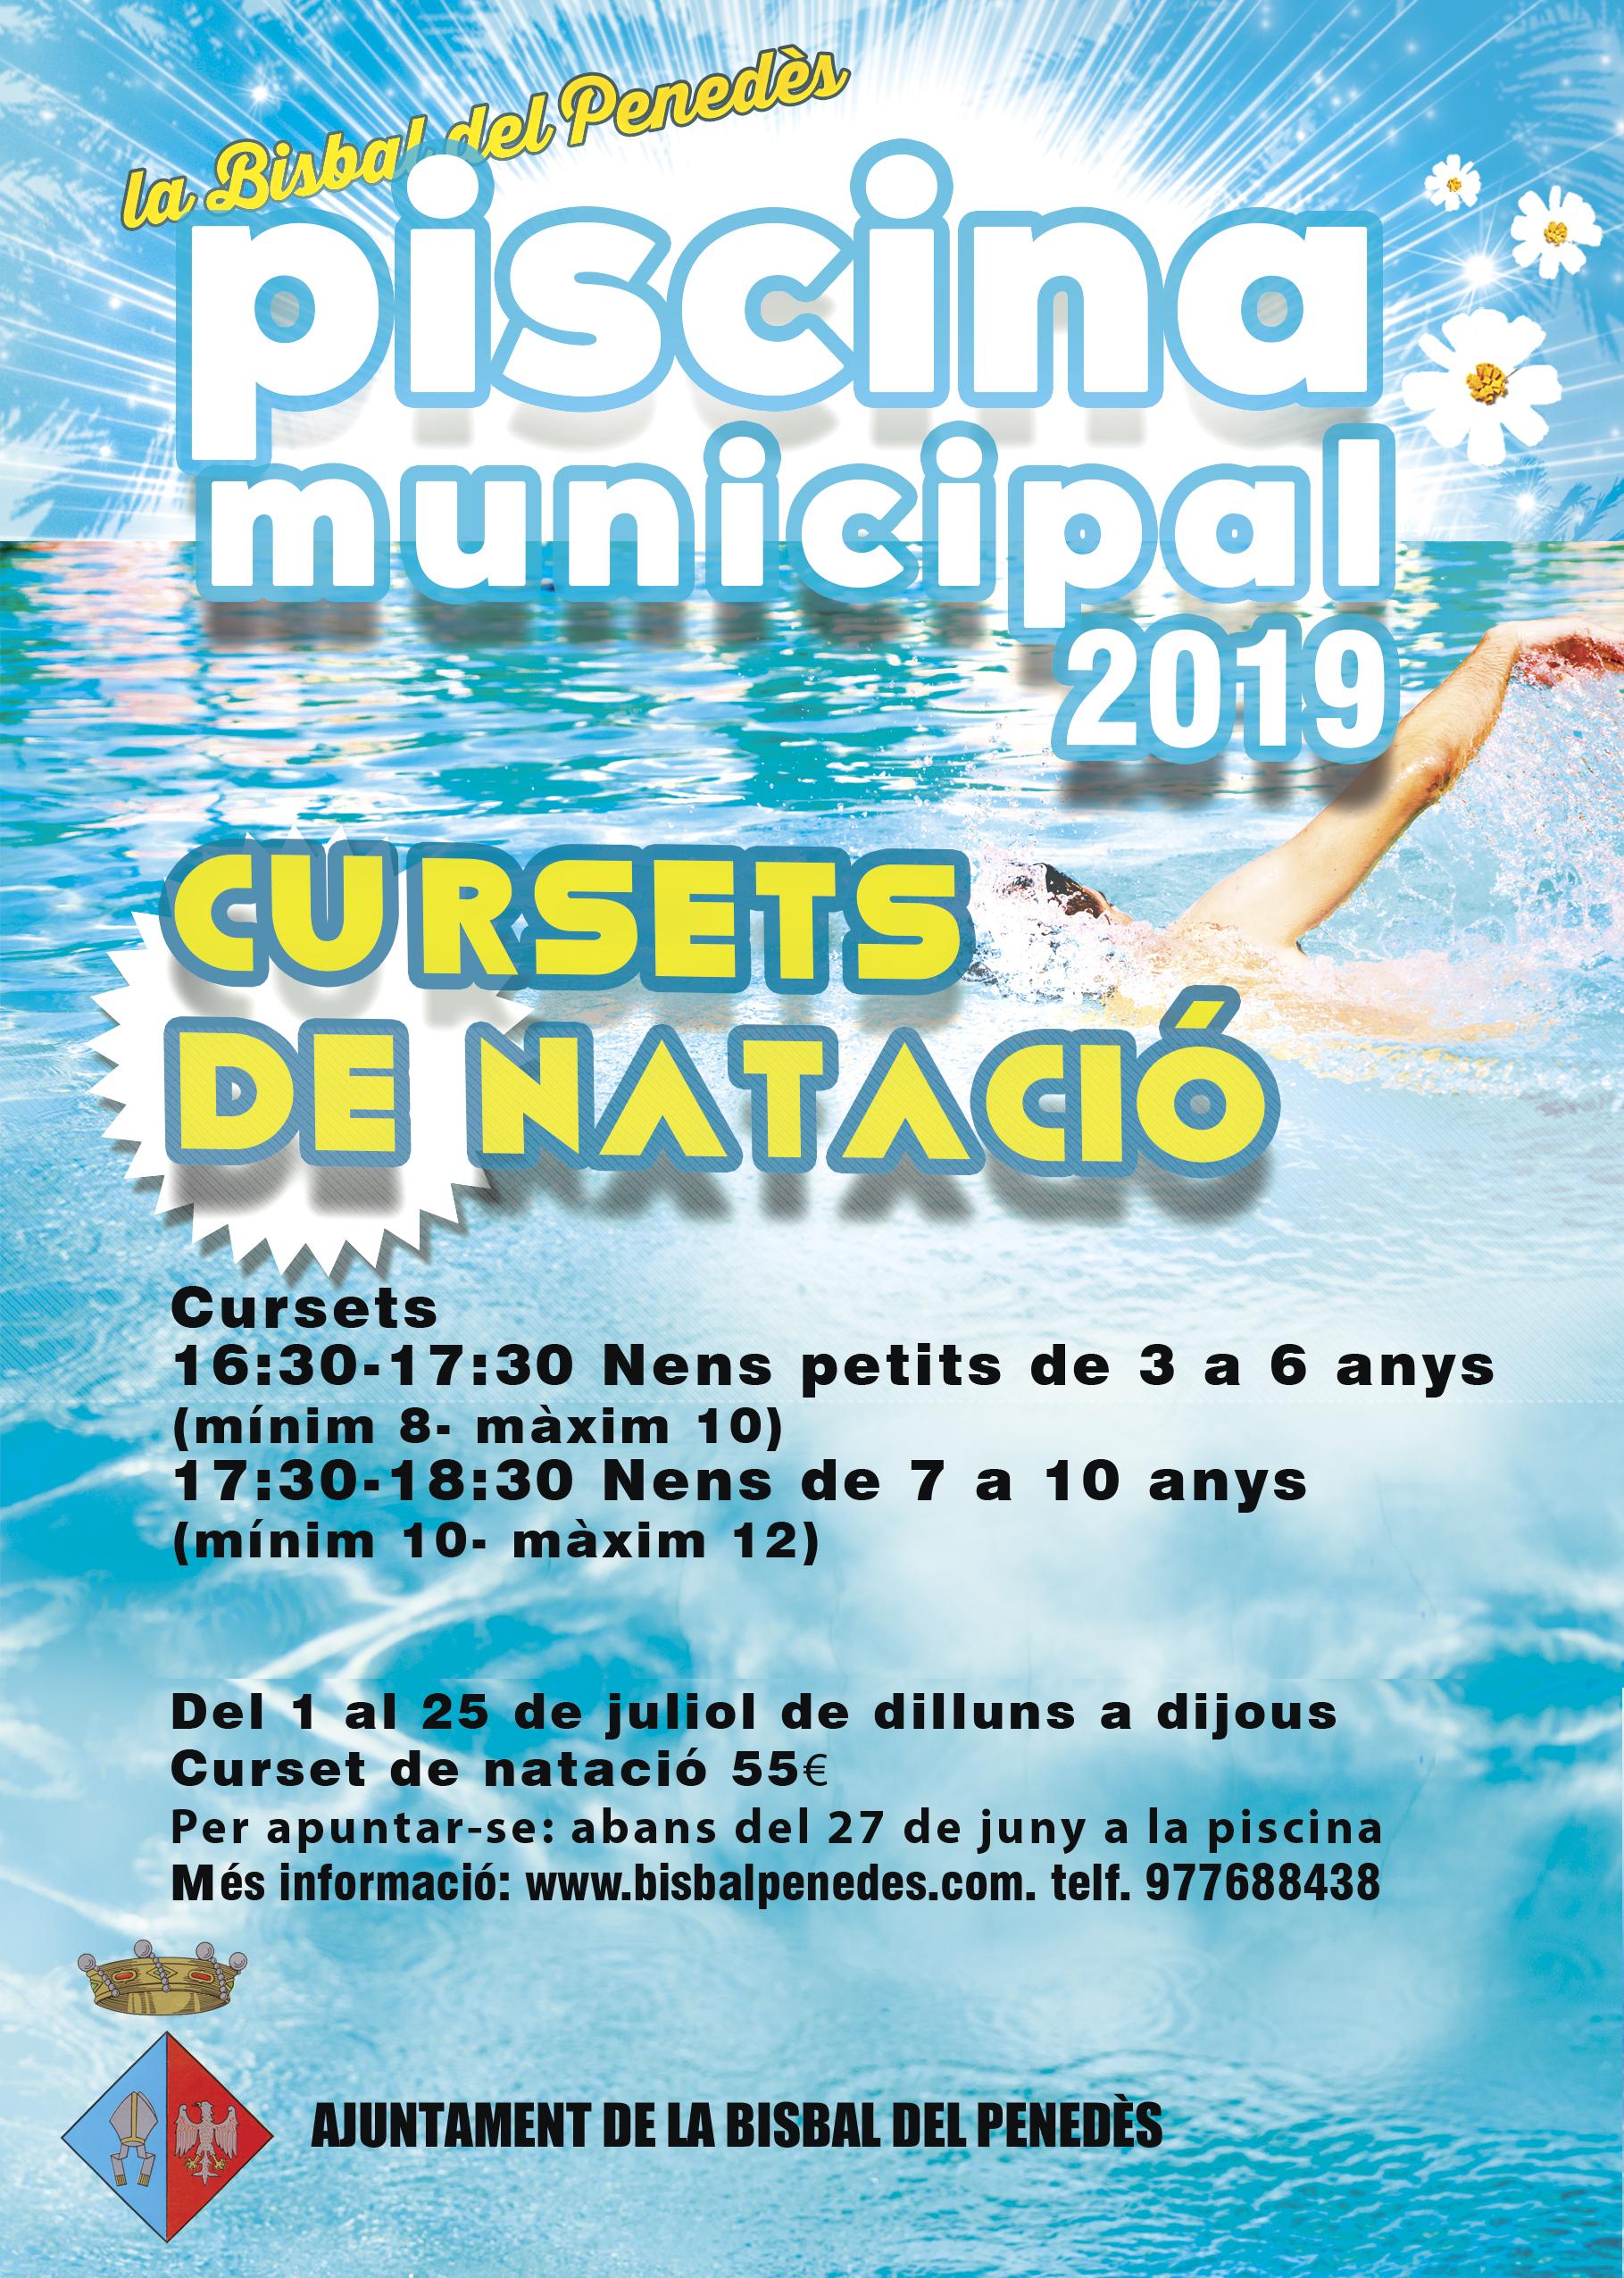 Aquest dijous 27 de juny és l'últim dia per fer les inscripcions per als cursets de natació